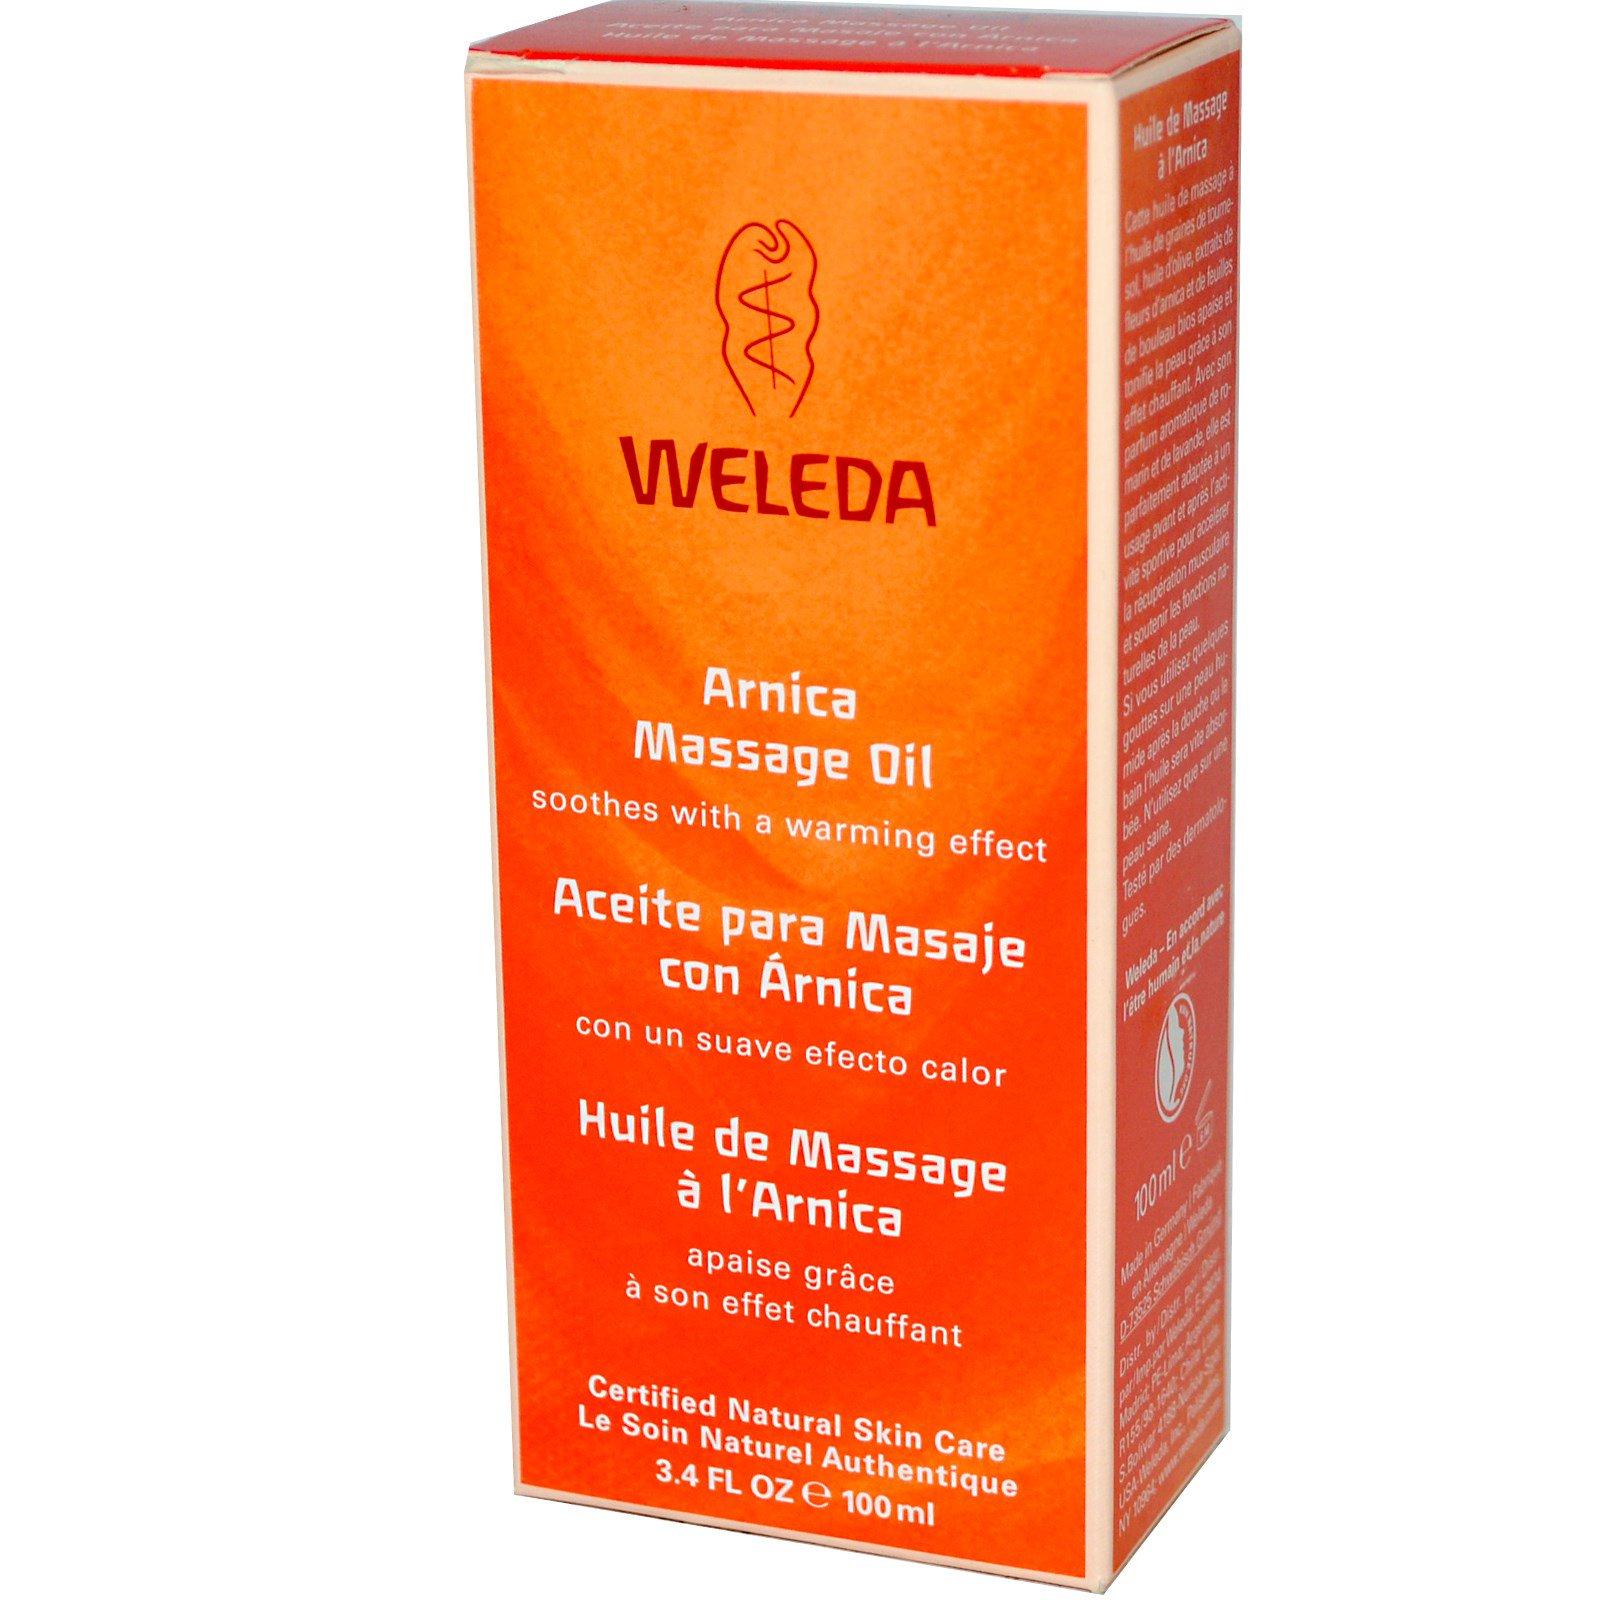 Weleda, Массажное масло Arnica, 100 мл (3.4 жидких унций)